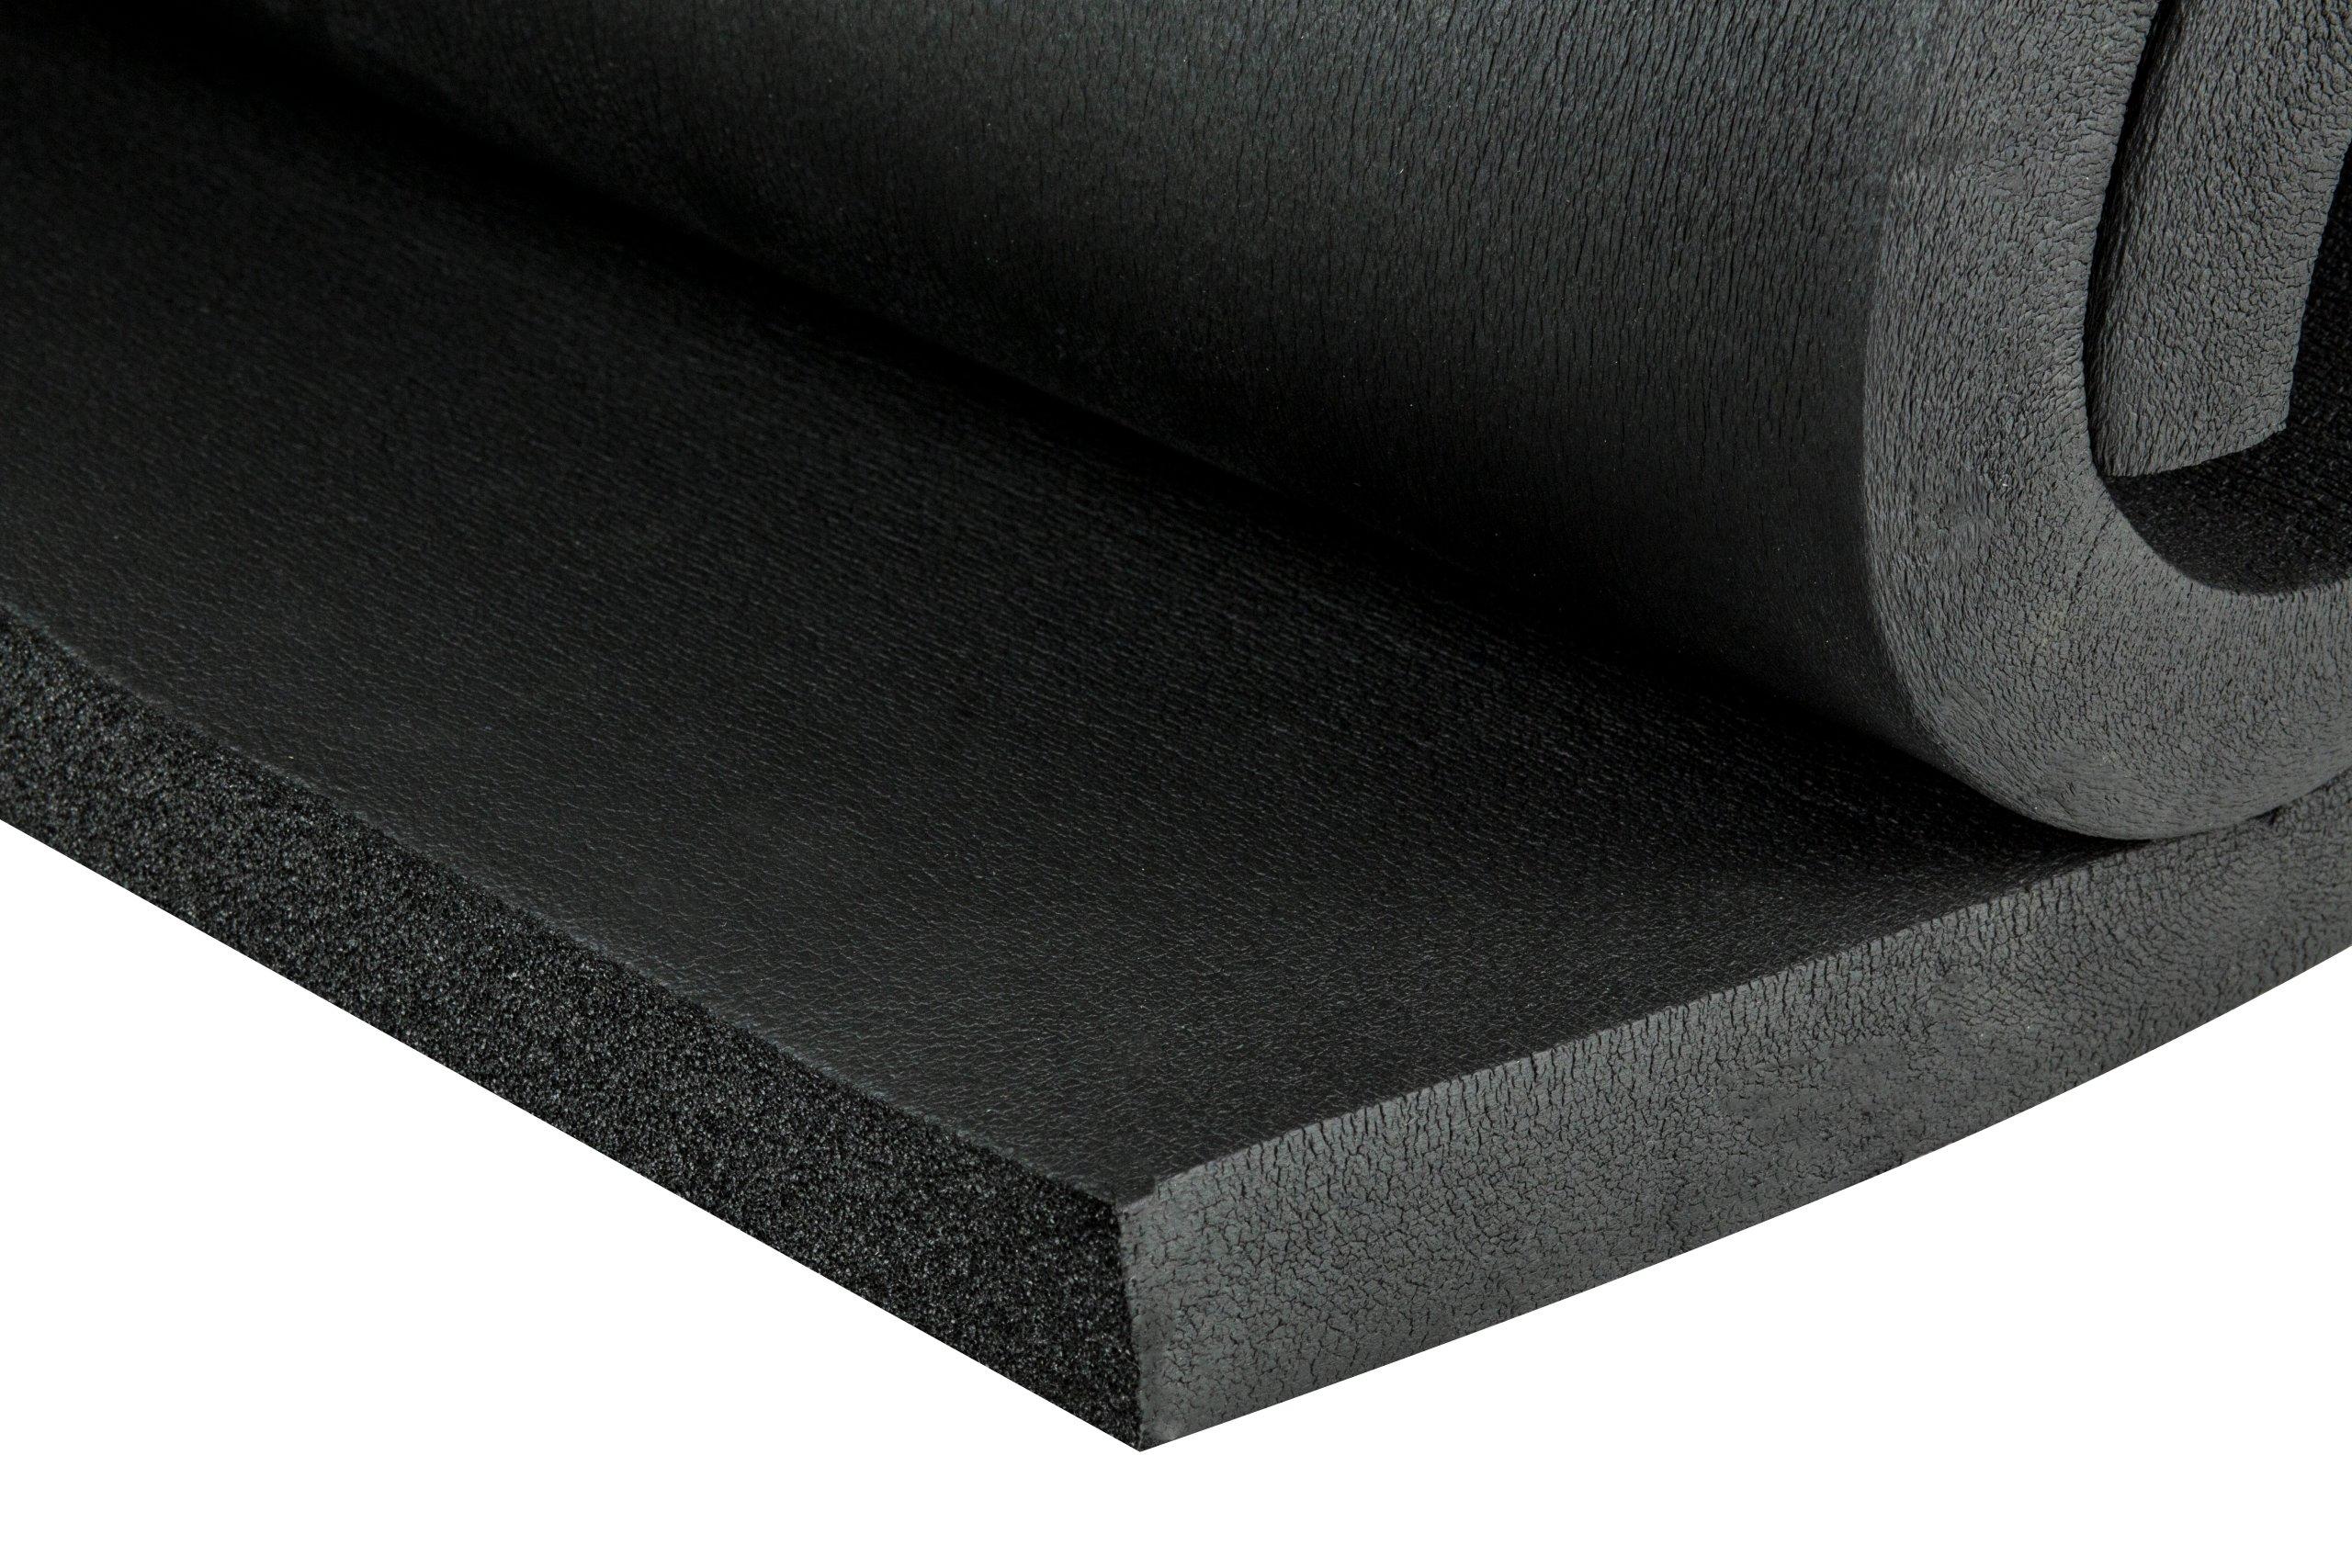 k32 коврик wygłuszająca резина пена каучуковая 32mm